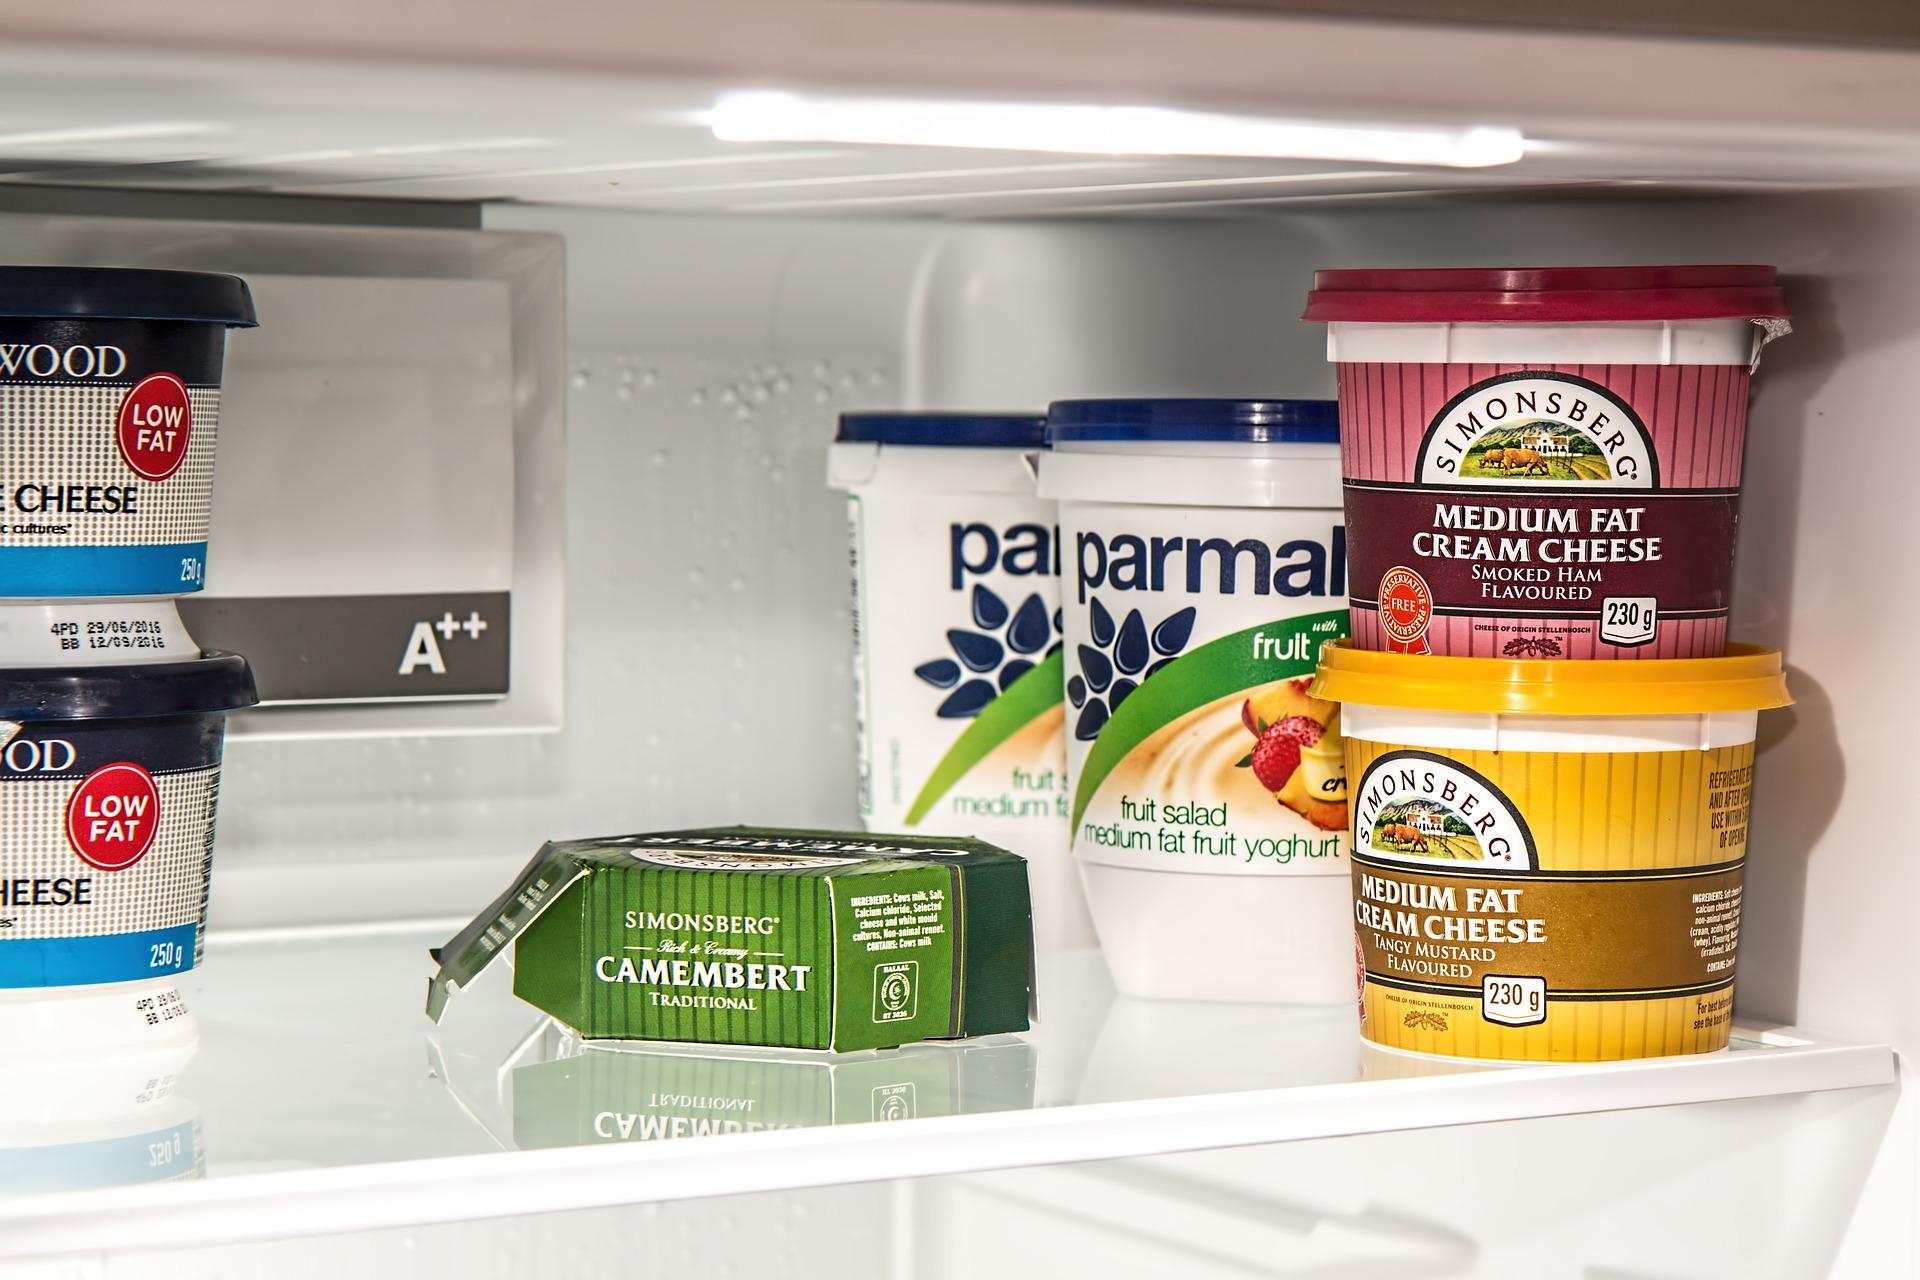 Imagem do interior de uma geladeira.